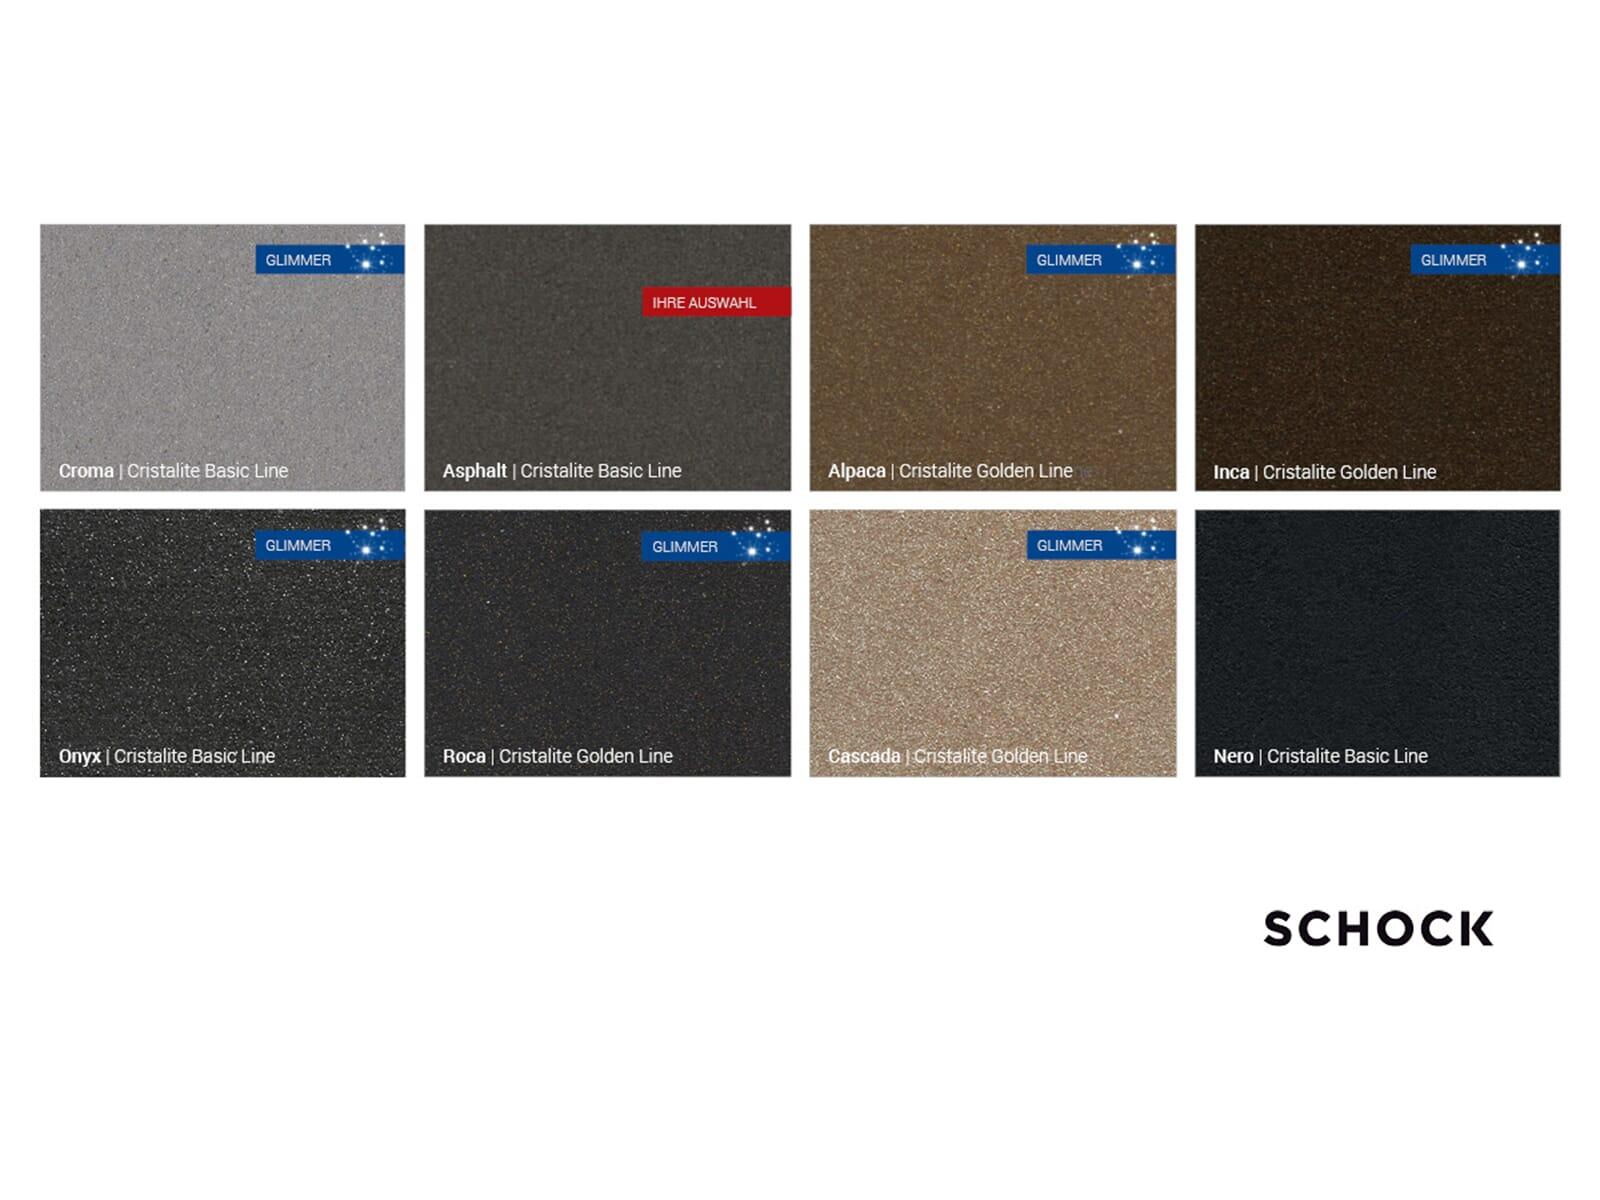 Schock Primus C-150 A Asphalt - PRIC150AGAS Granitspüle